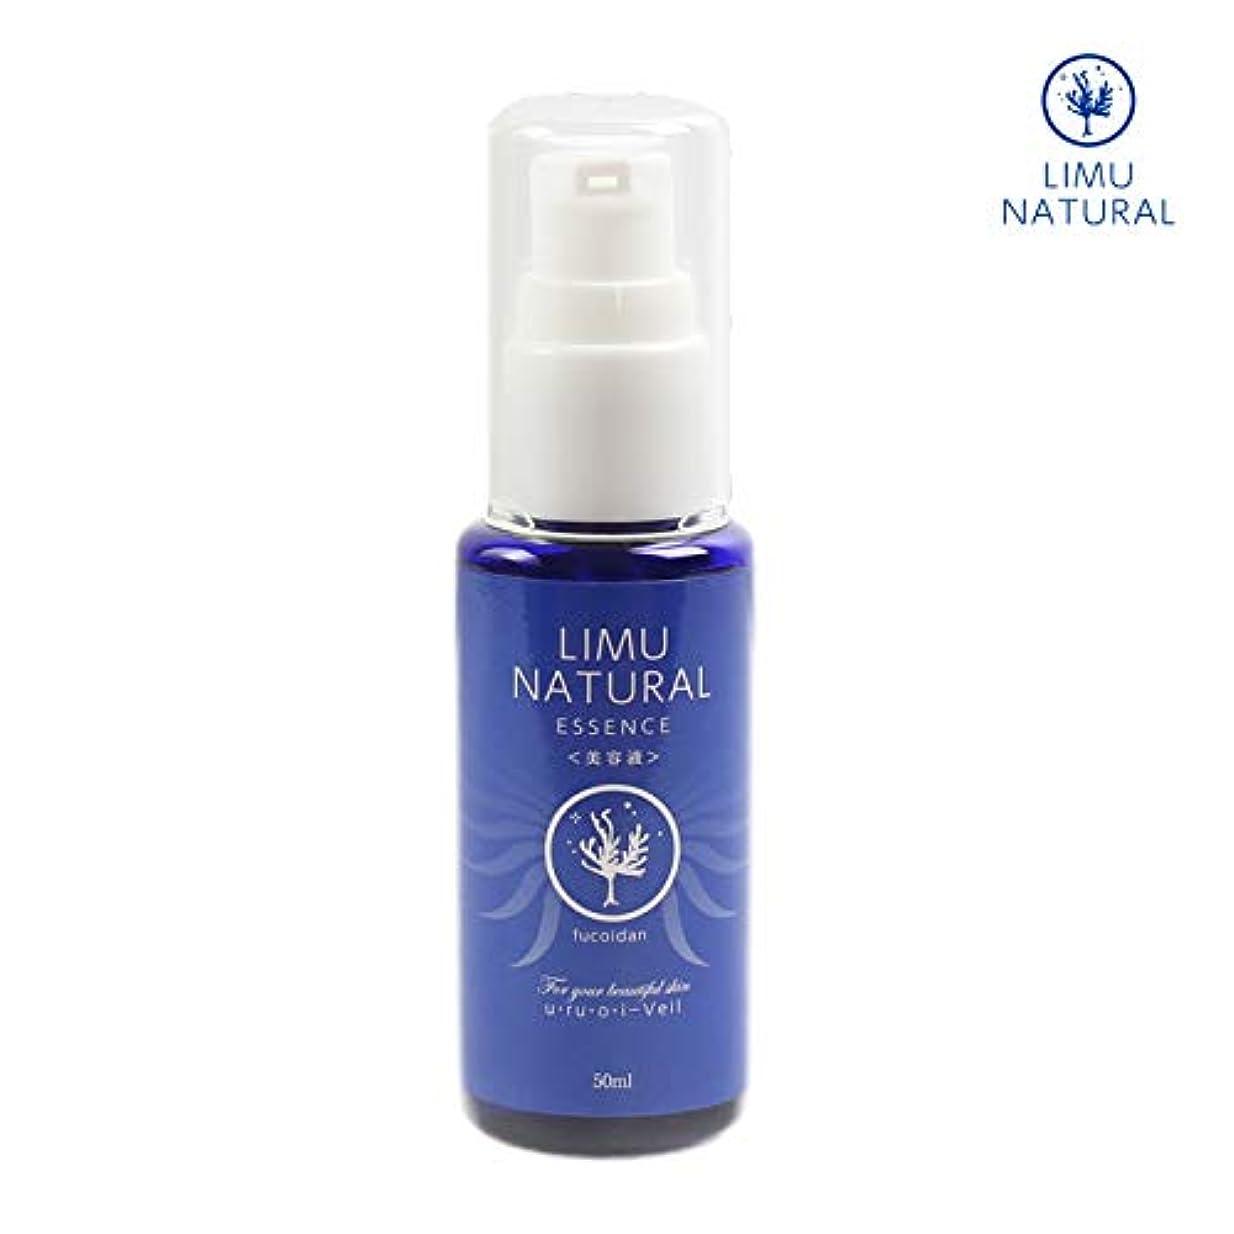 処方する多分植生リムナチュラル 高濃度美容液 LIMU NATURAL ESSENCE (50ml) 「美白&保湿」「フコイダン」+「グリセリルグルコシド」を贅沢に配合